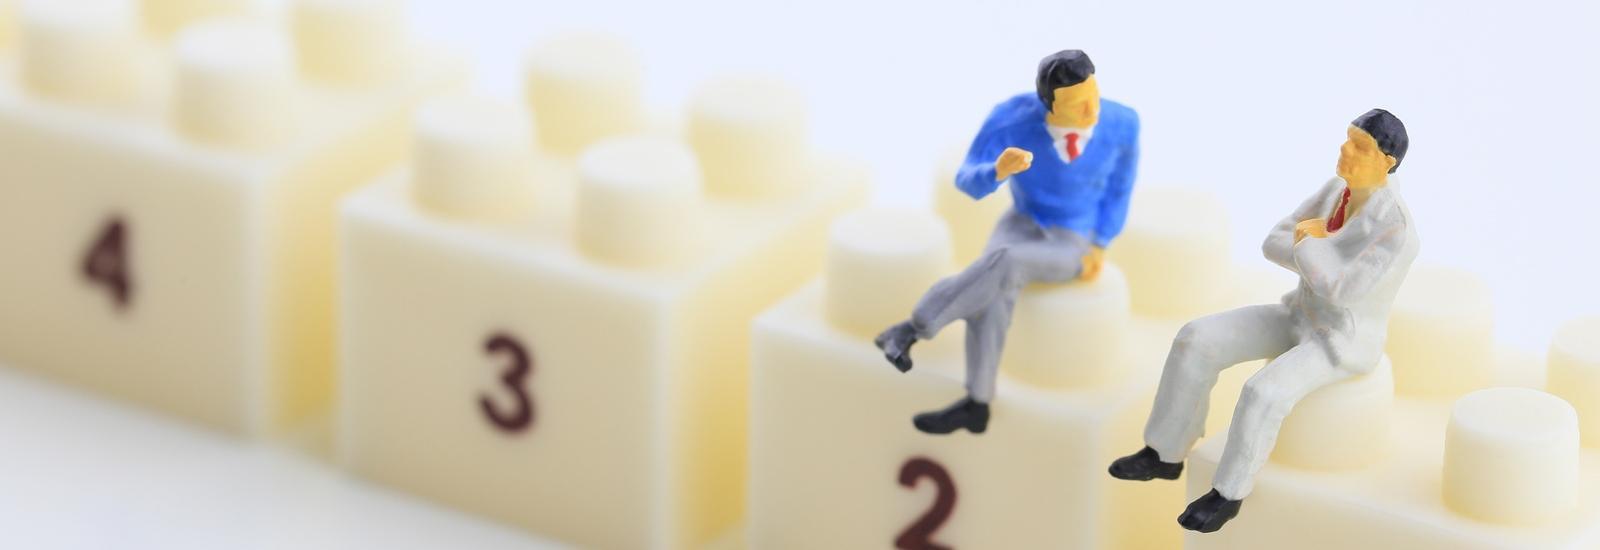 Repenser l'organisation des entreprises pour réconcilier salariés et dirigeants.